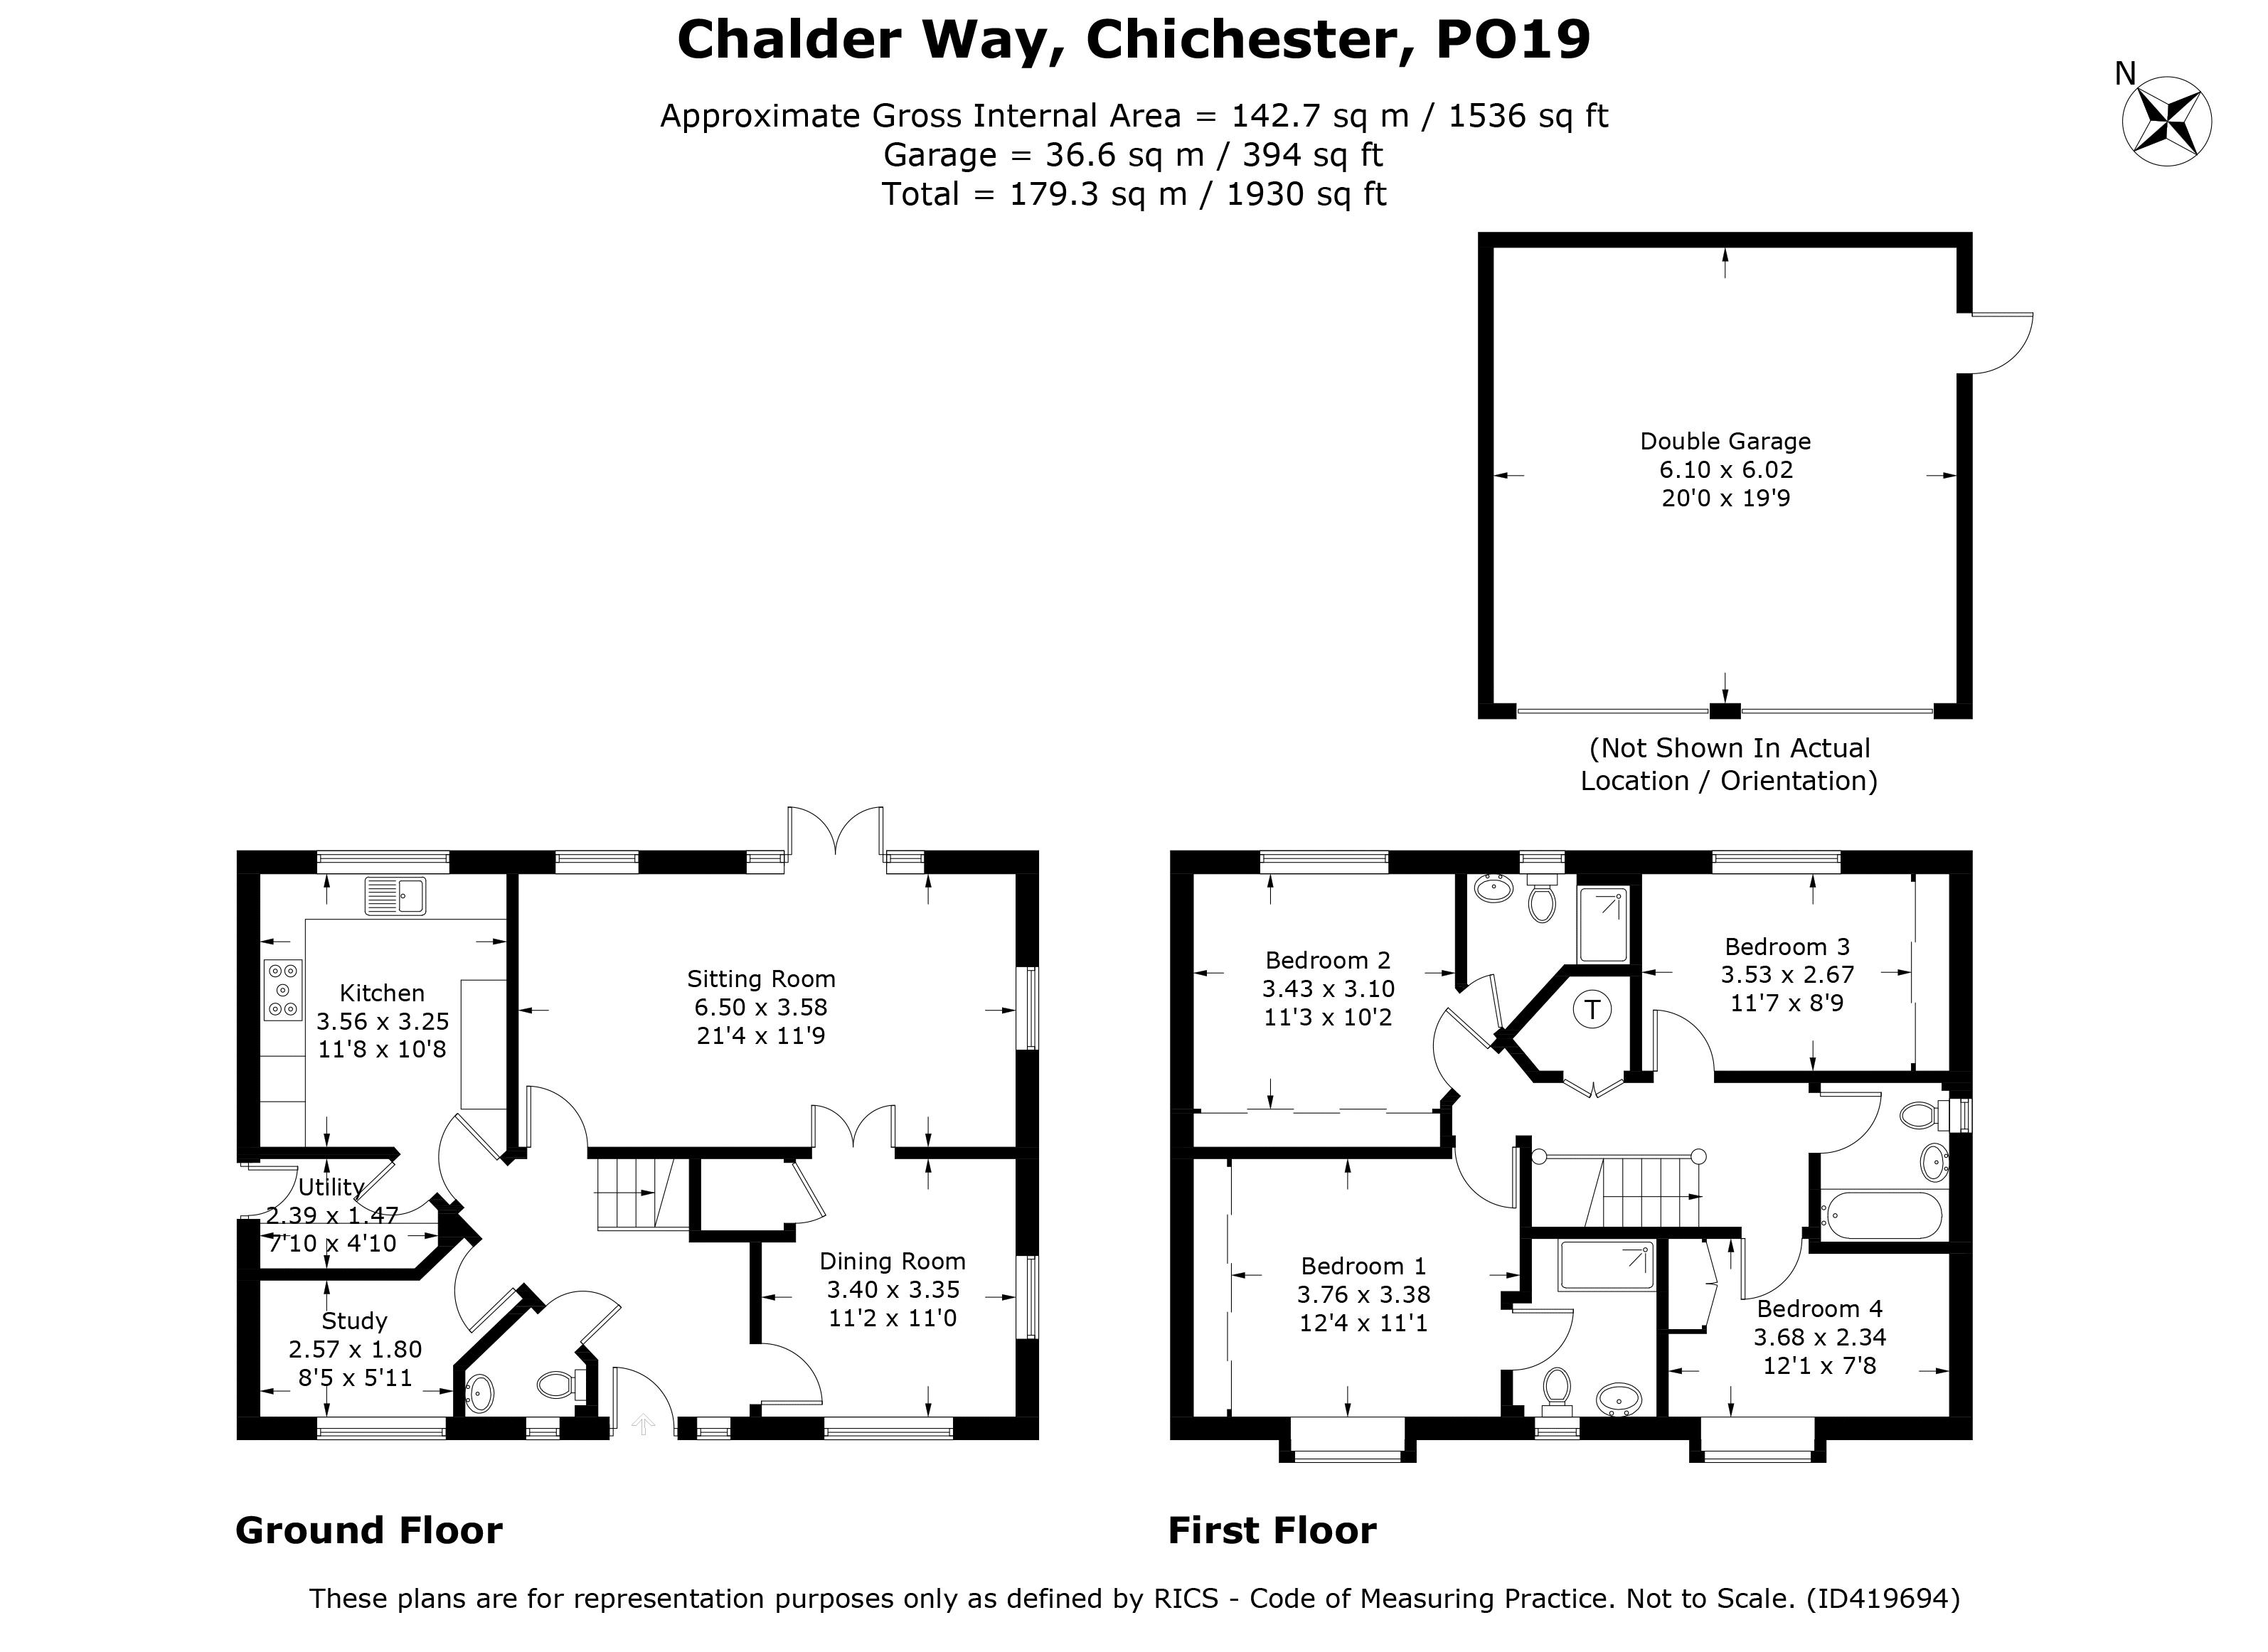 Chalder Way